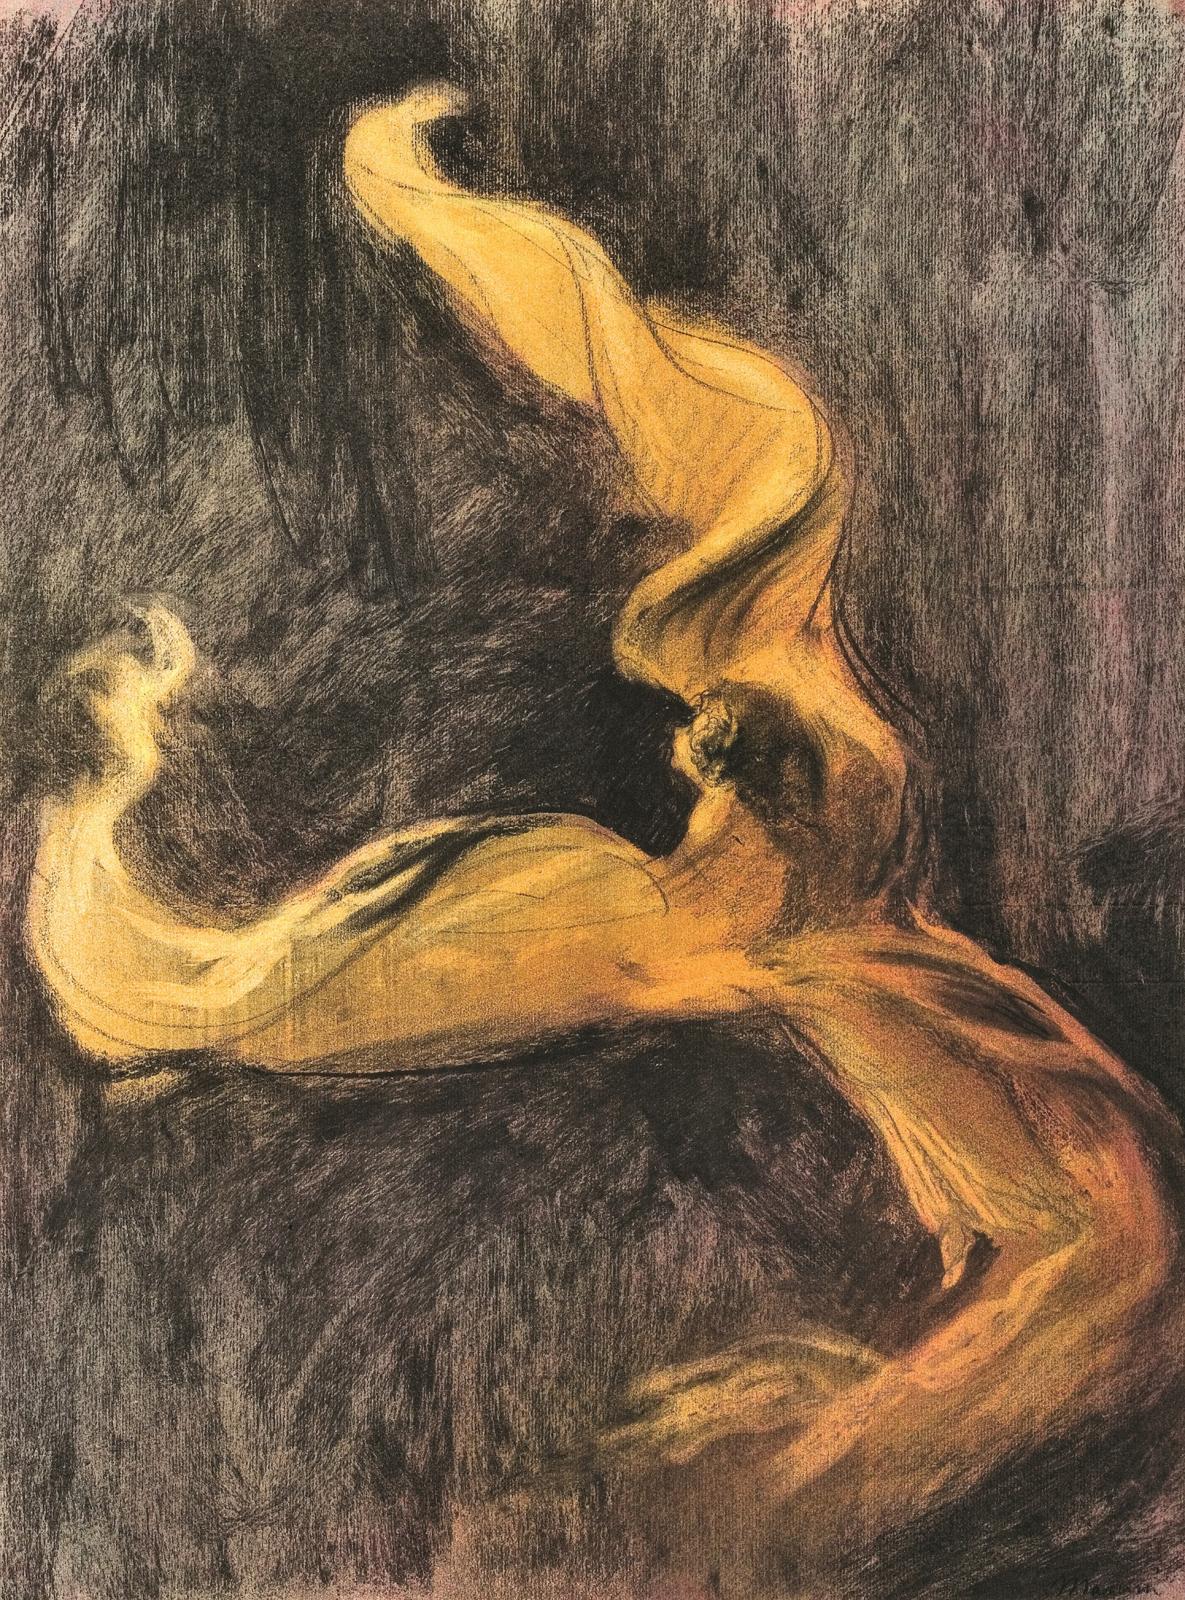 Charles Maurin (1856-1914), Loïe Fuller (robe jaune), vers 1895, pastel et fusain sur papier, 61 x 45cm.